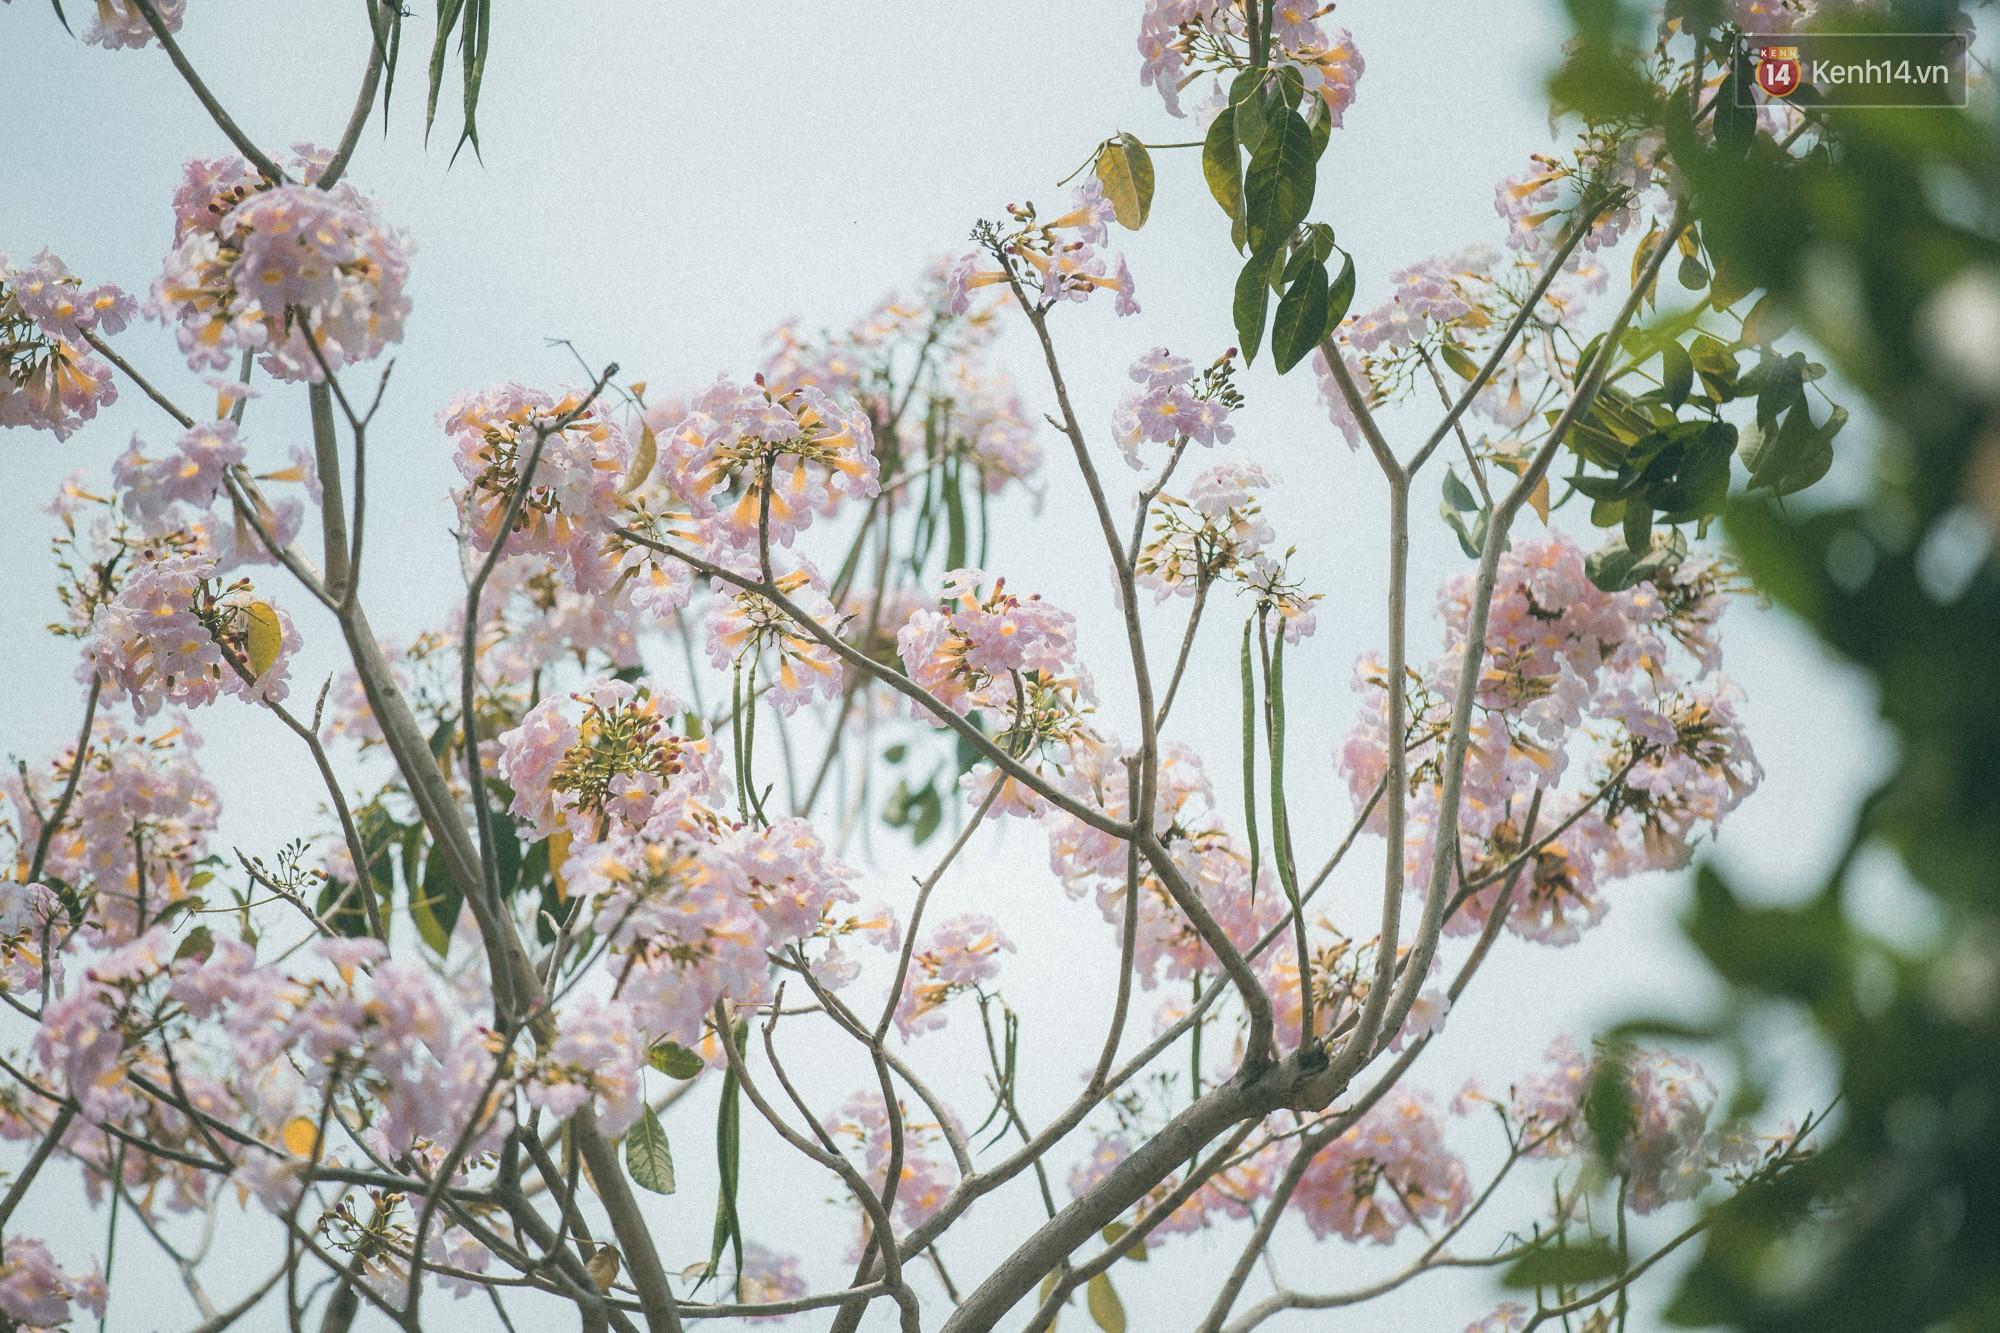 Sài Gòn mùa hoa kèn hồng: dịu dàng và dễ thương đến lạ! - Ảnh 1.